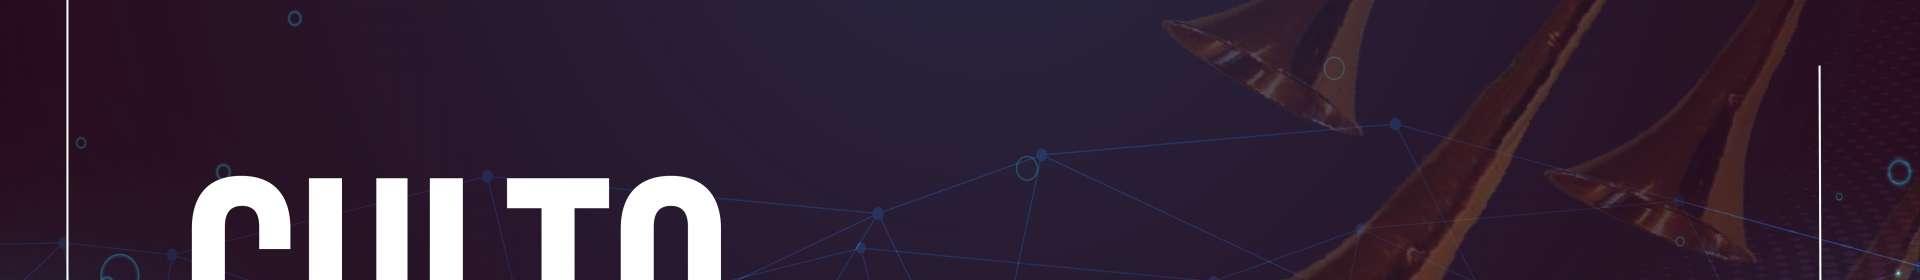 Culto via satélite exibido em 02/02/2020